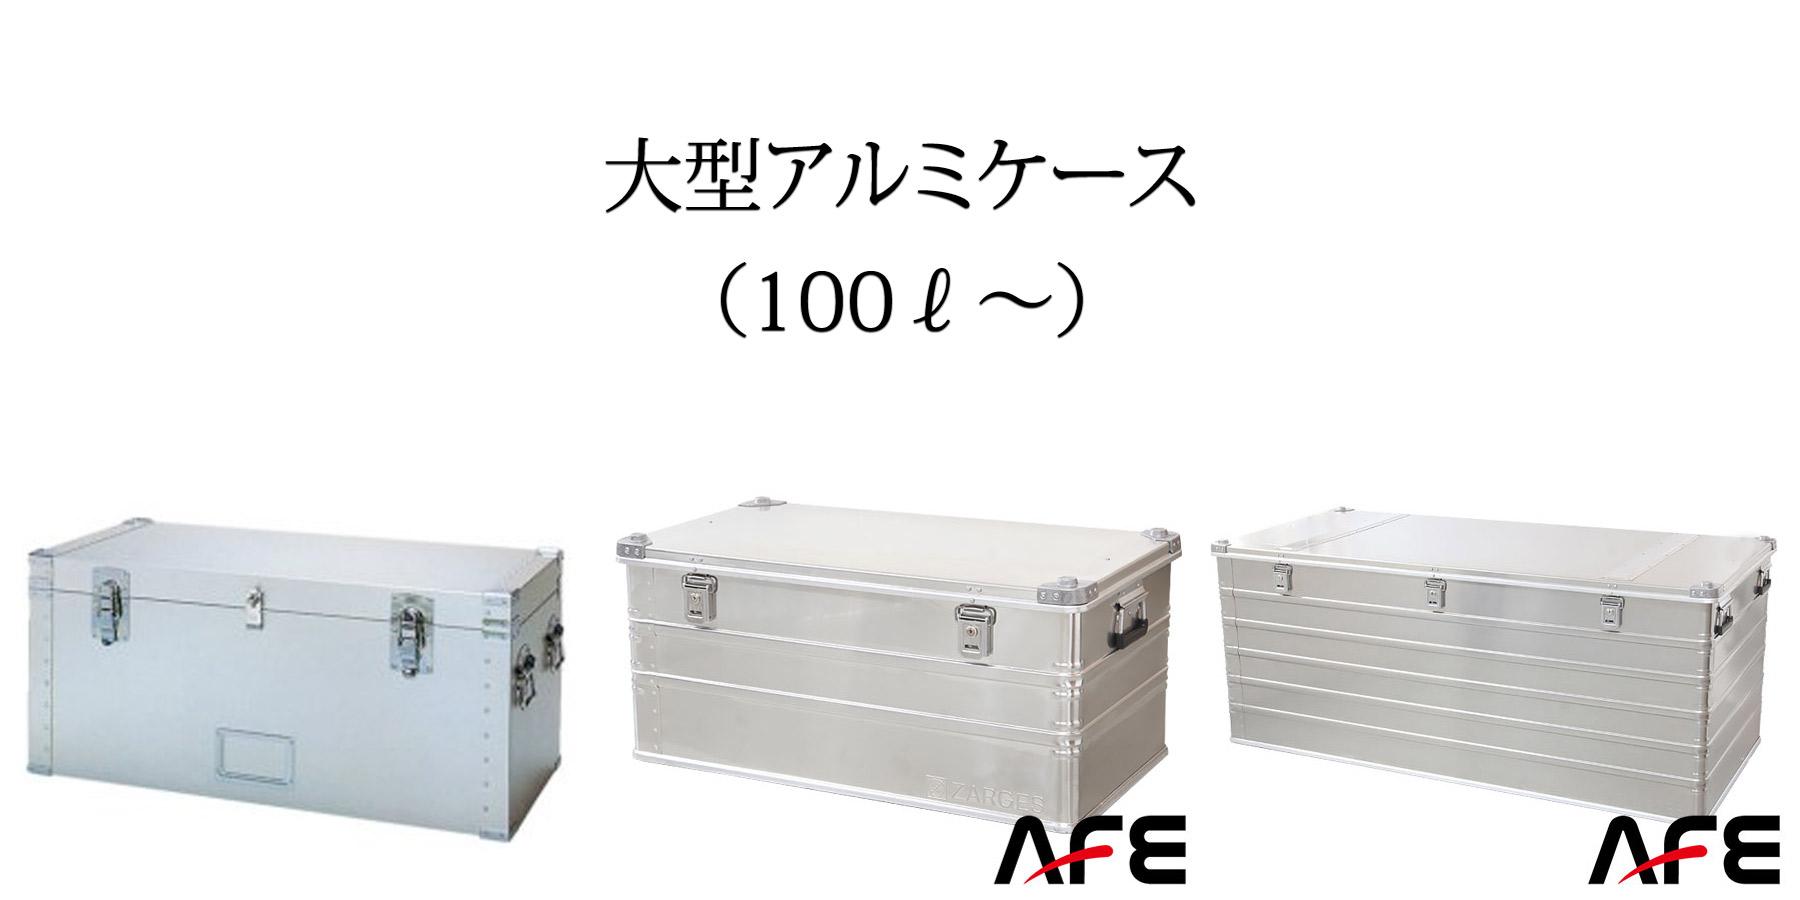 大型アルミケース (100ℓ~)